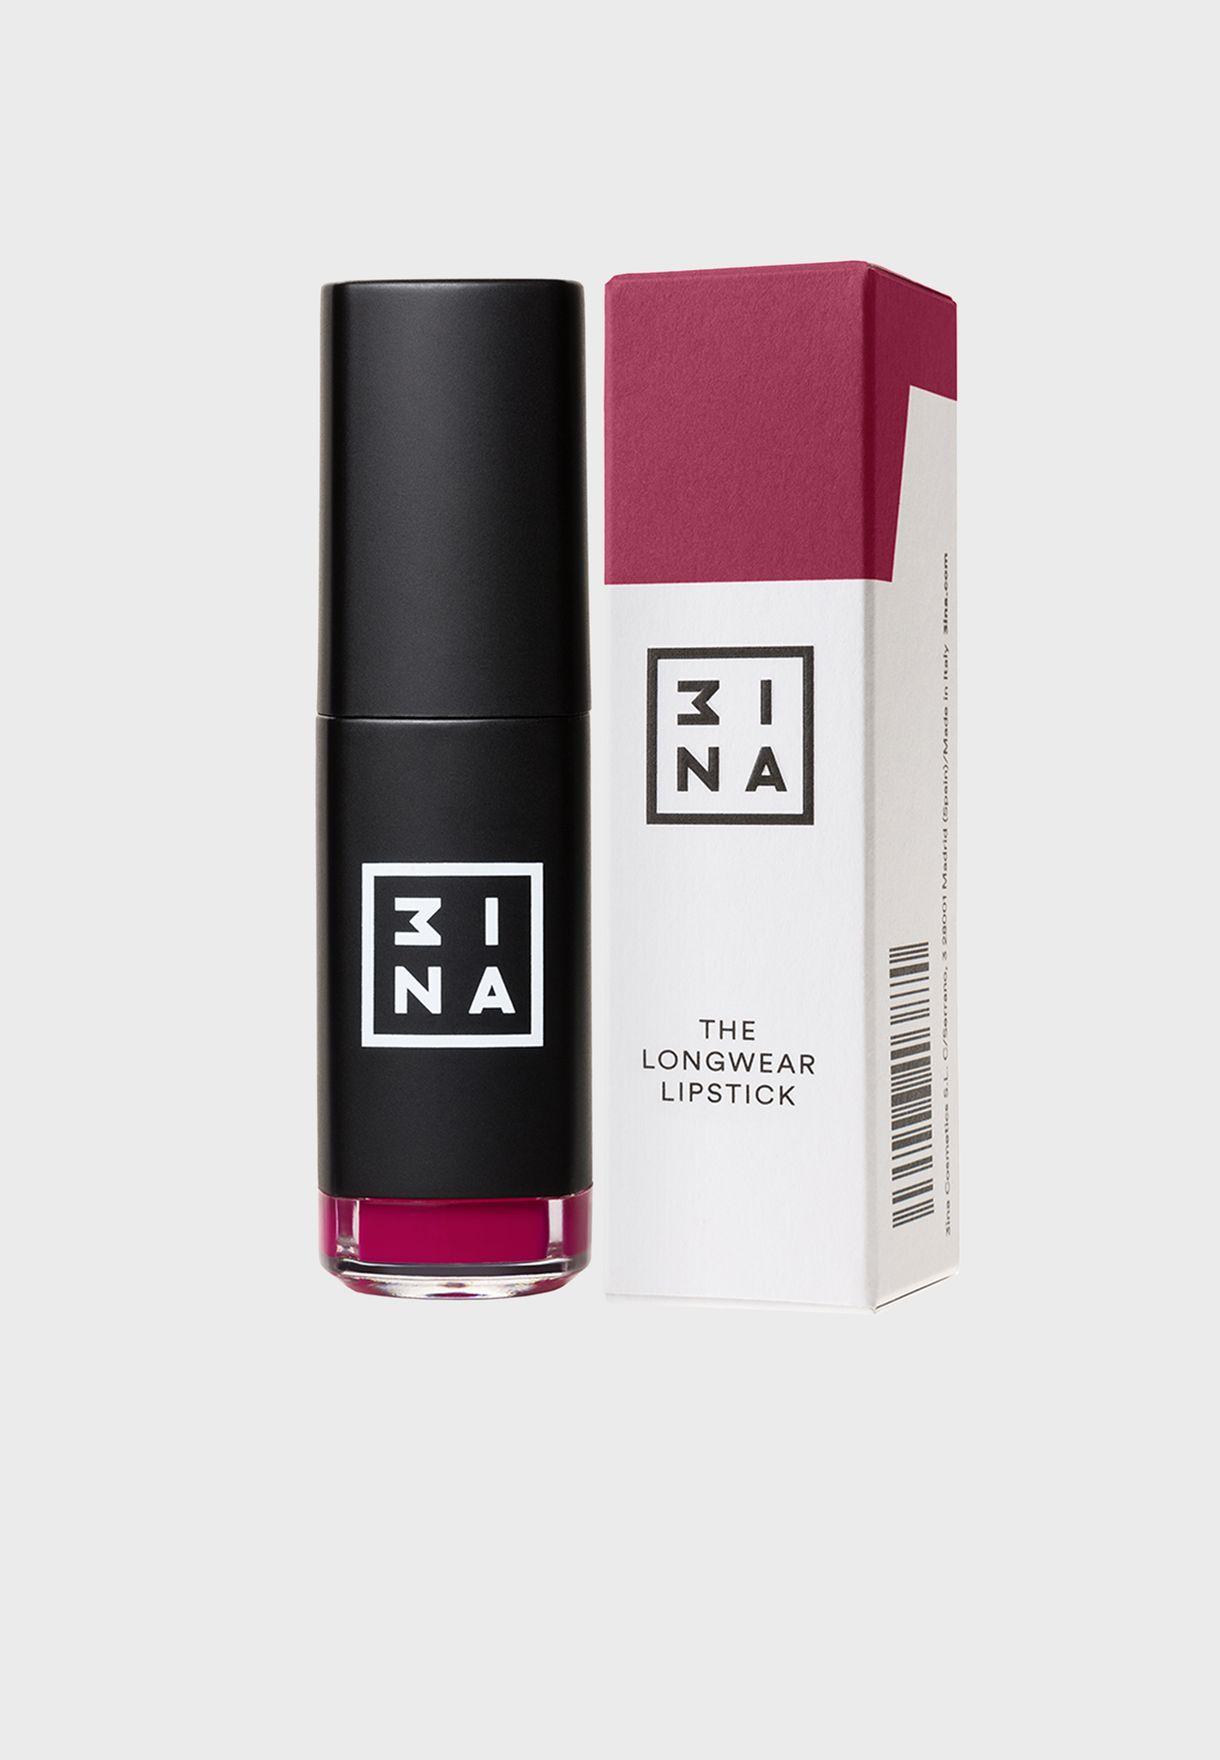 The Longwear Lipstick 501